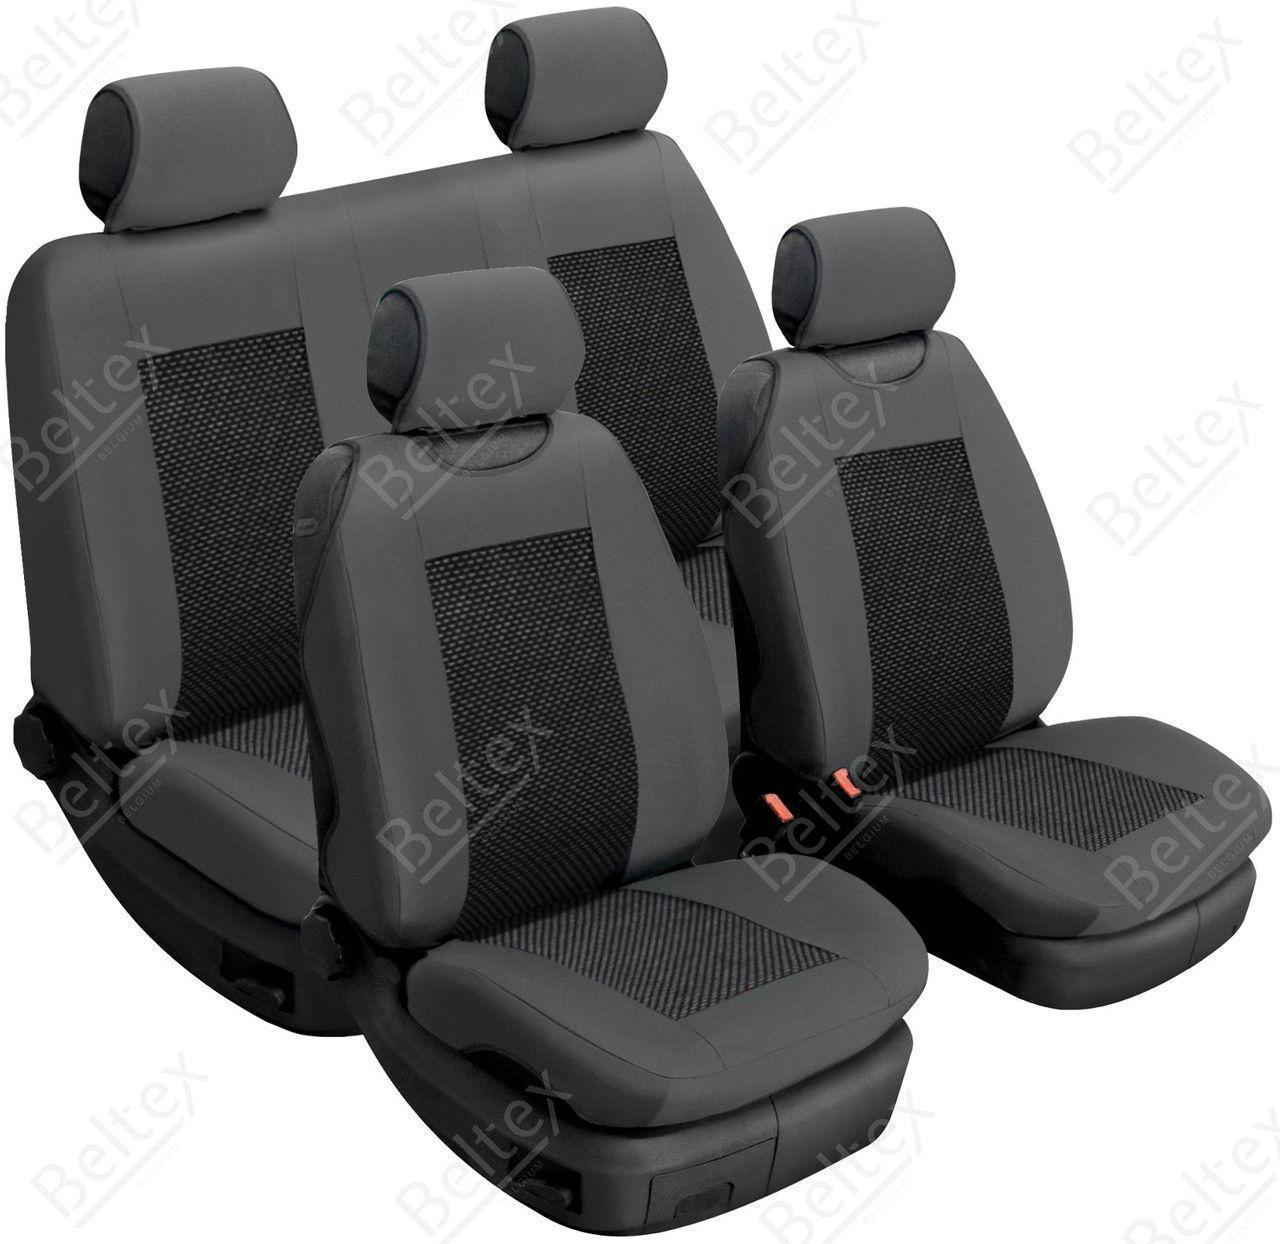 Майки/чехлы на сиденья БМВ Ф01 (BMW F01)